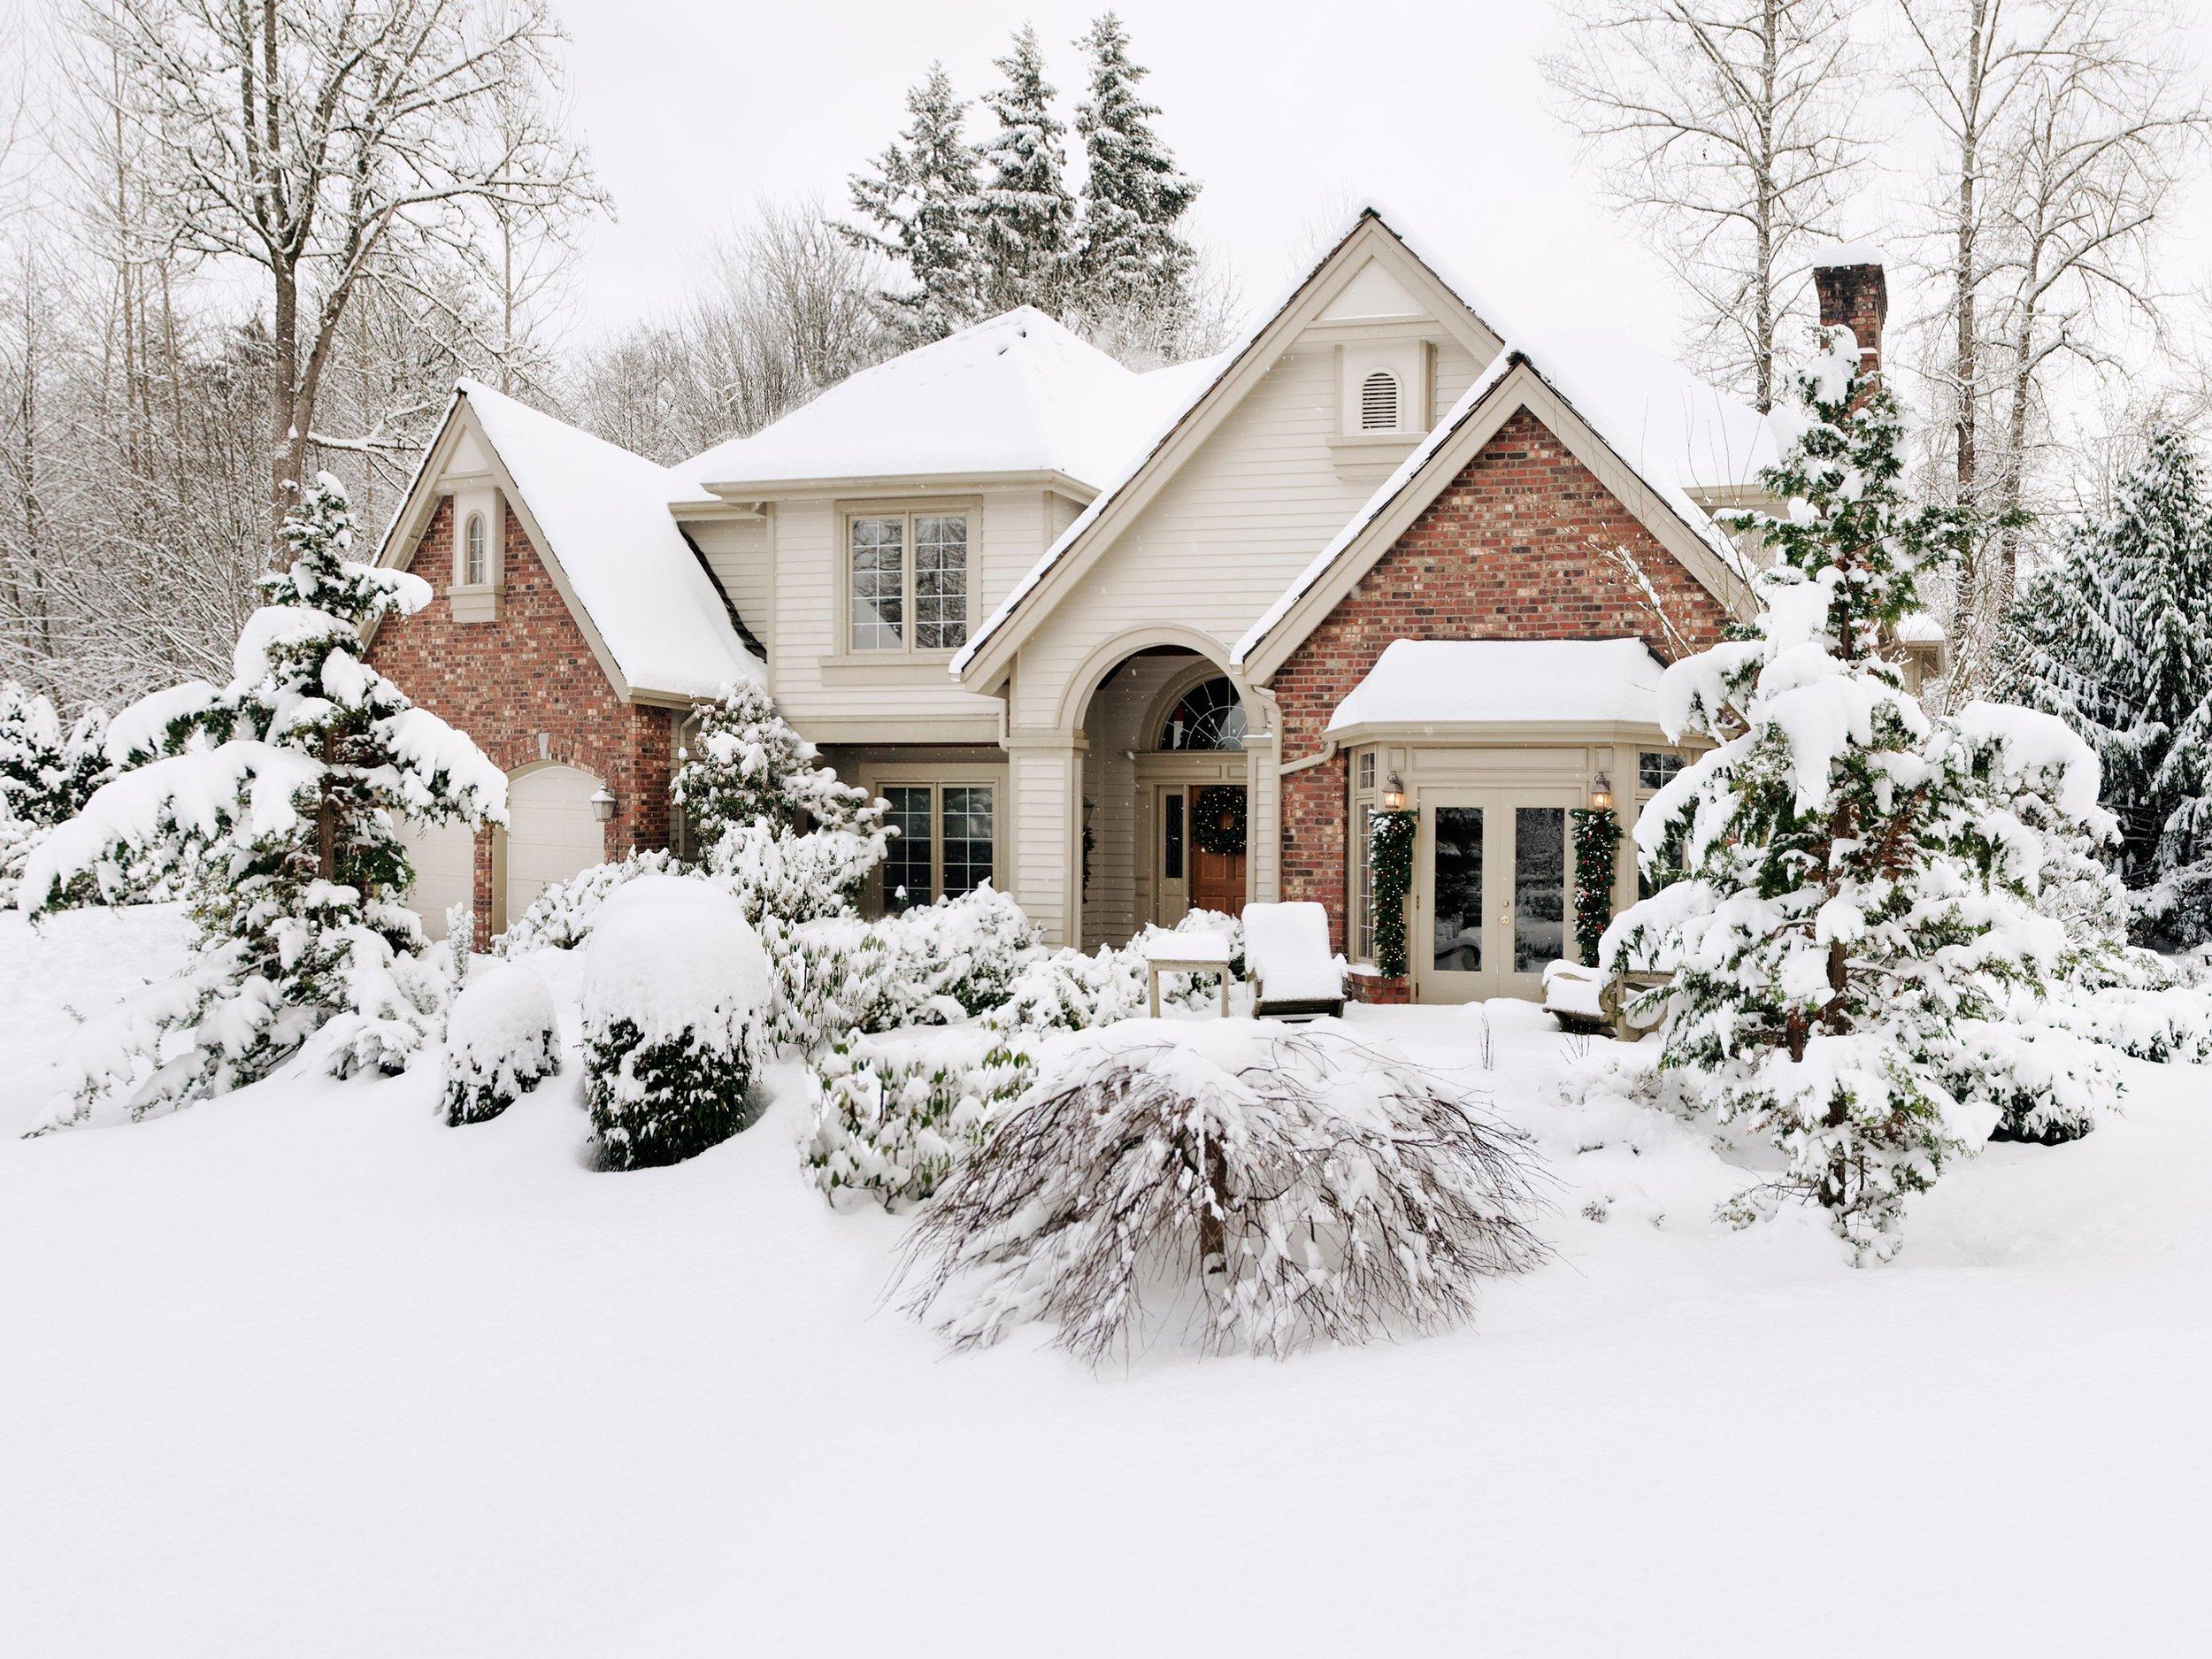 5-home-maintenance-tips-for-winter.jpg